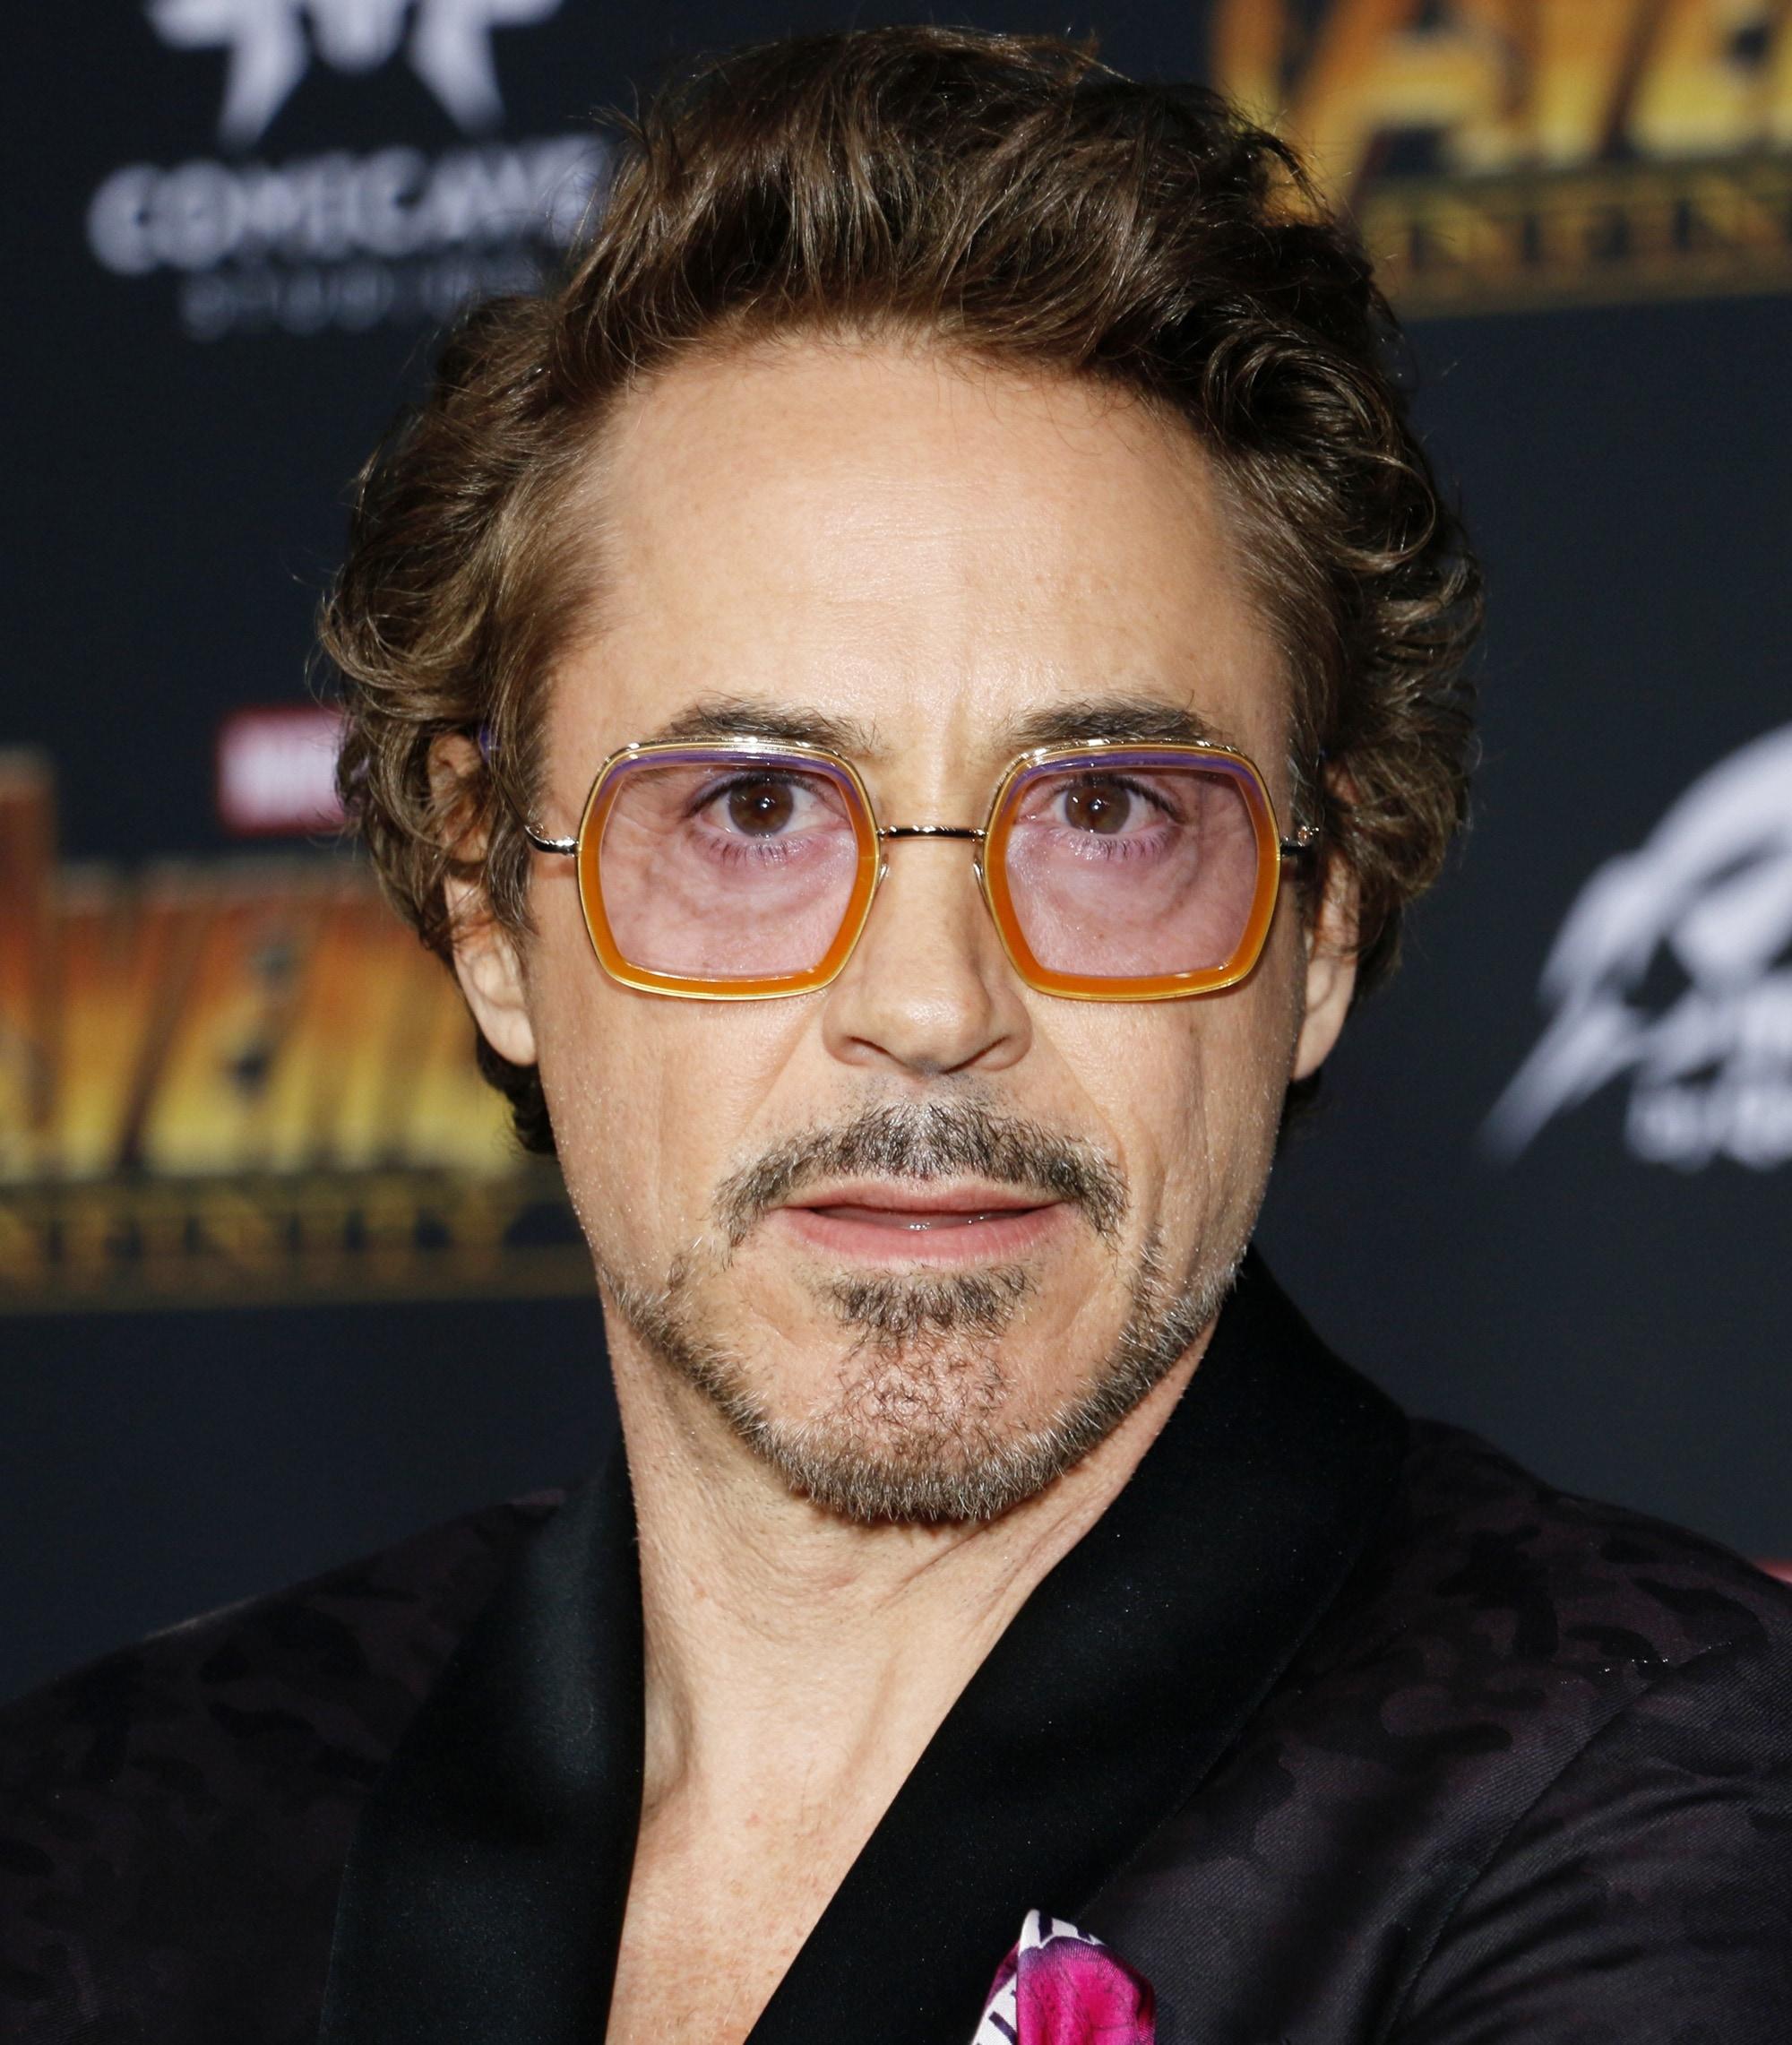 ทรงผม Robert Downey Jr.